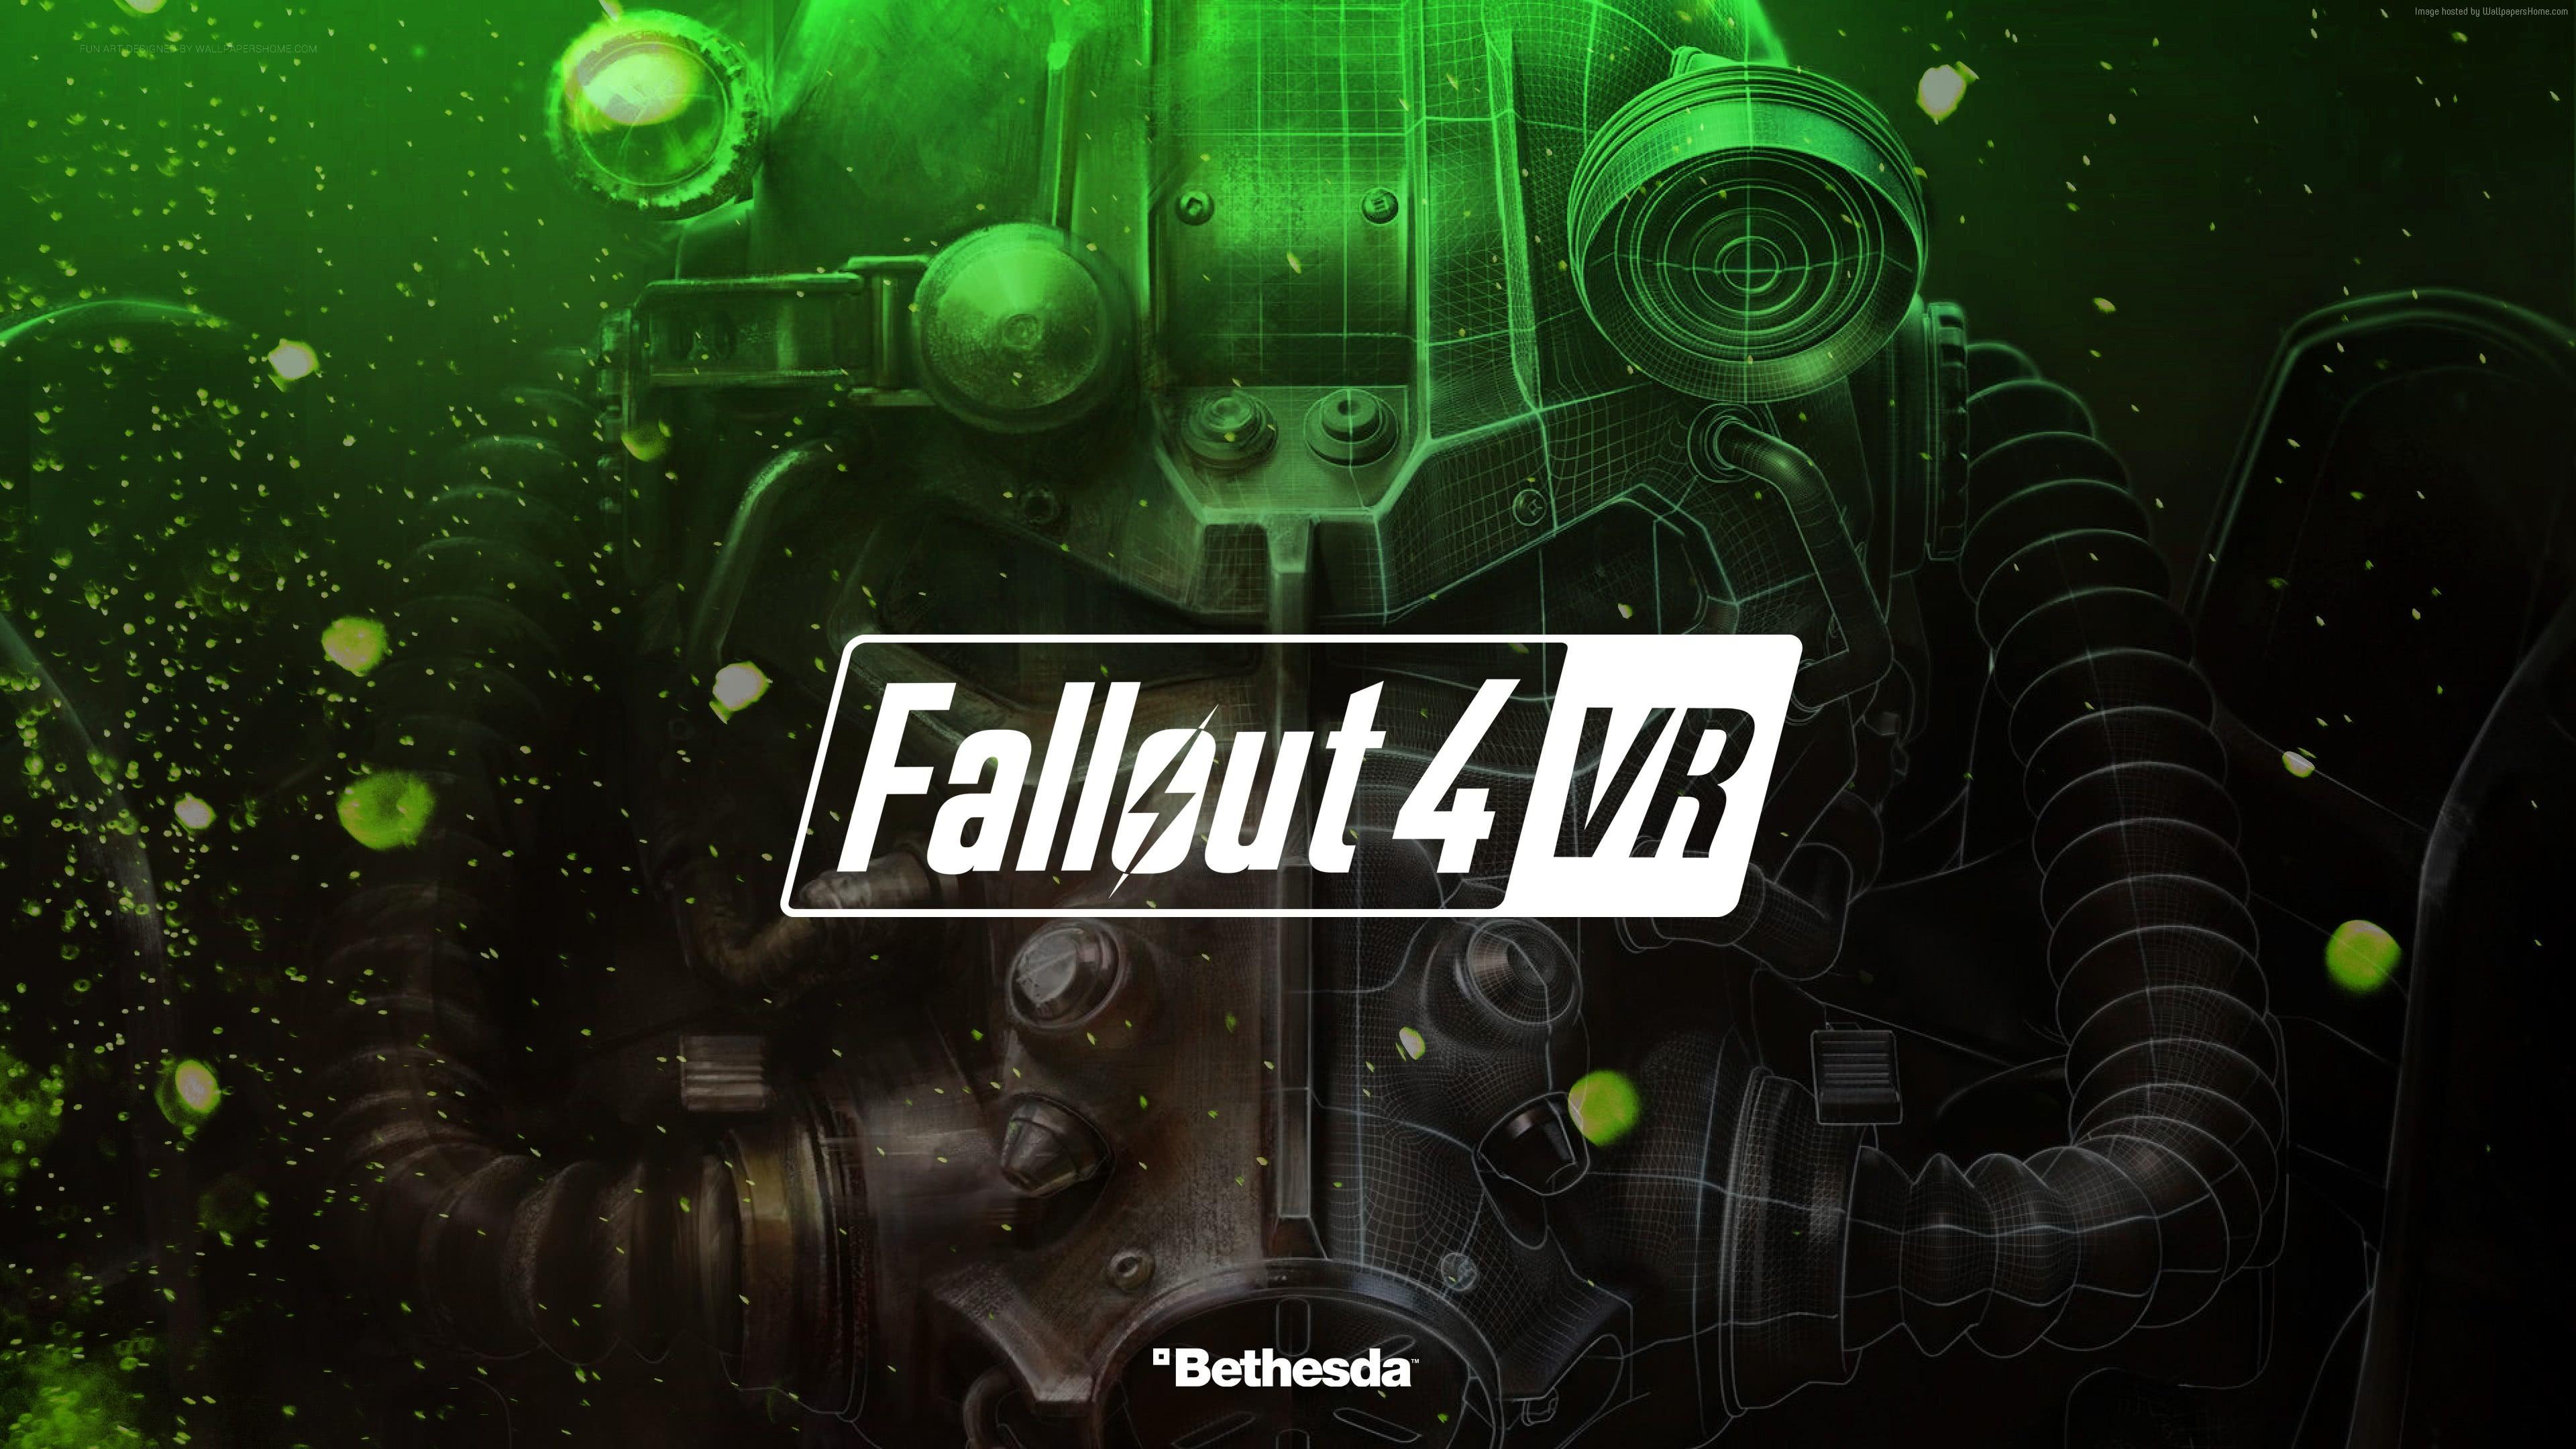 Fallout 4 Vr Uhd 4k Wallpaper Pixelz